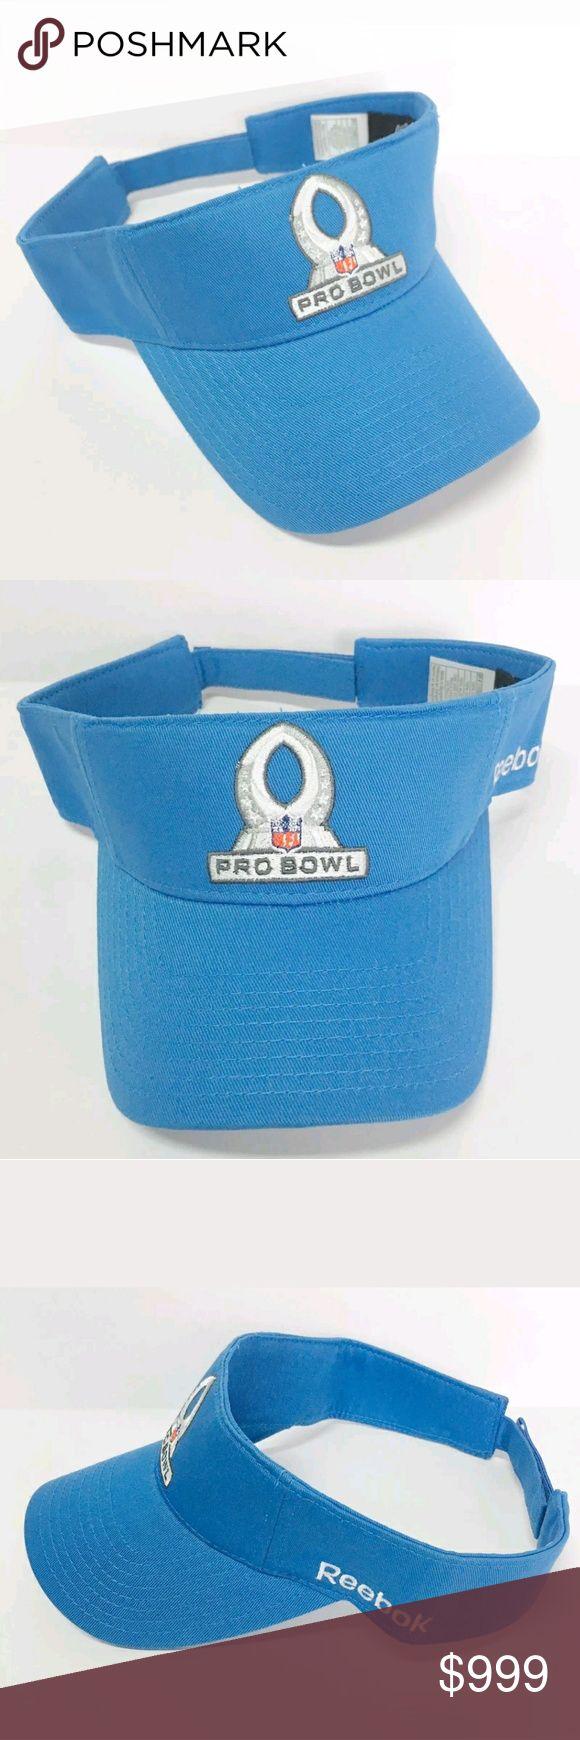 New NFL Pro Bowl 2011 Trophy Visor Hat Cap NFL PRO BOWL 2011 Trophy Visor Hat  CONDITION:New Size:One Size Color:Blue  PRODUCT DETAILS:  Unisex Adult Velcro Adjustable strap Front embroidered NFL trophy logo NFL Accessories Hats